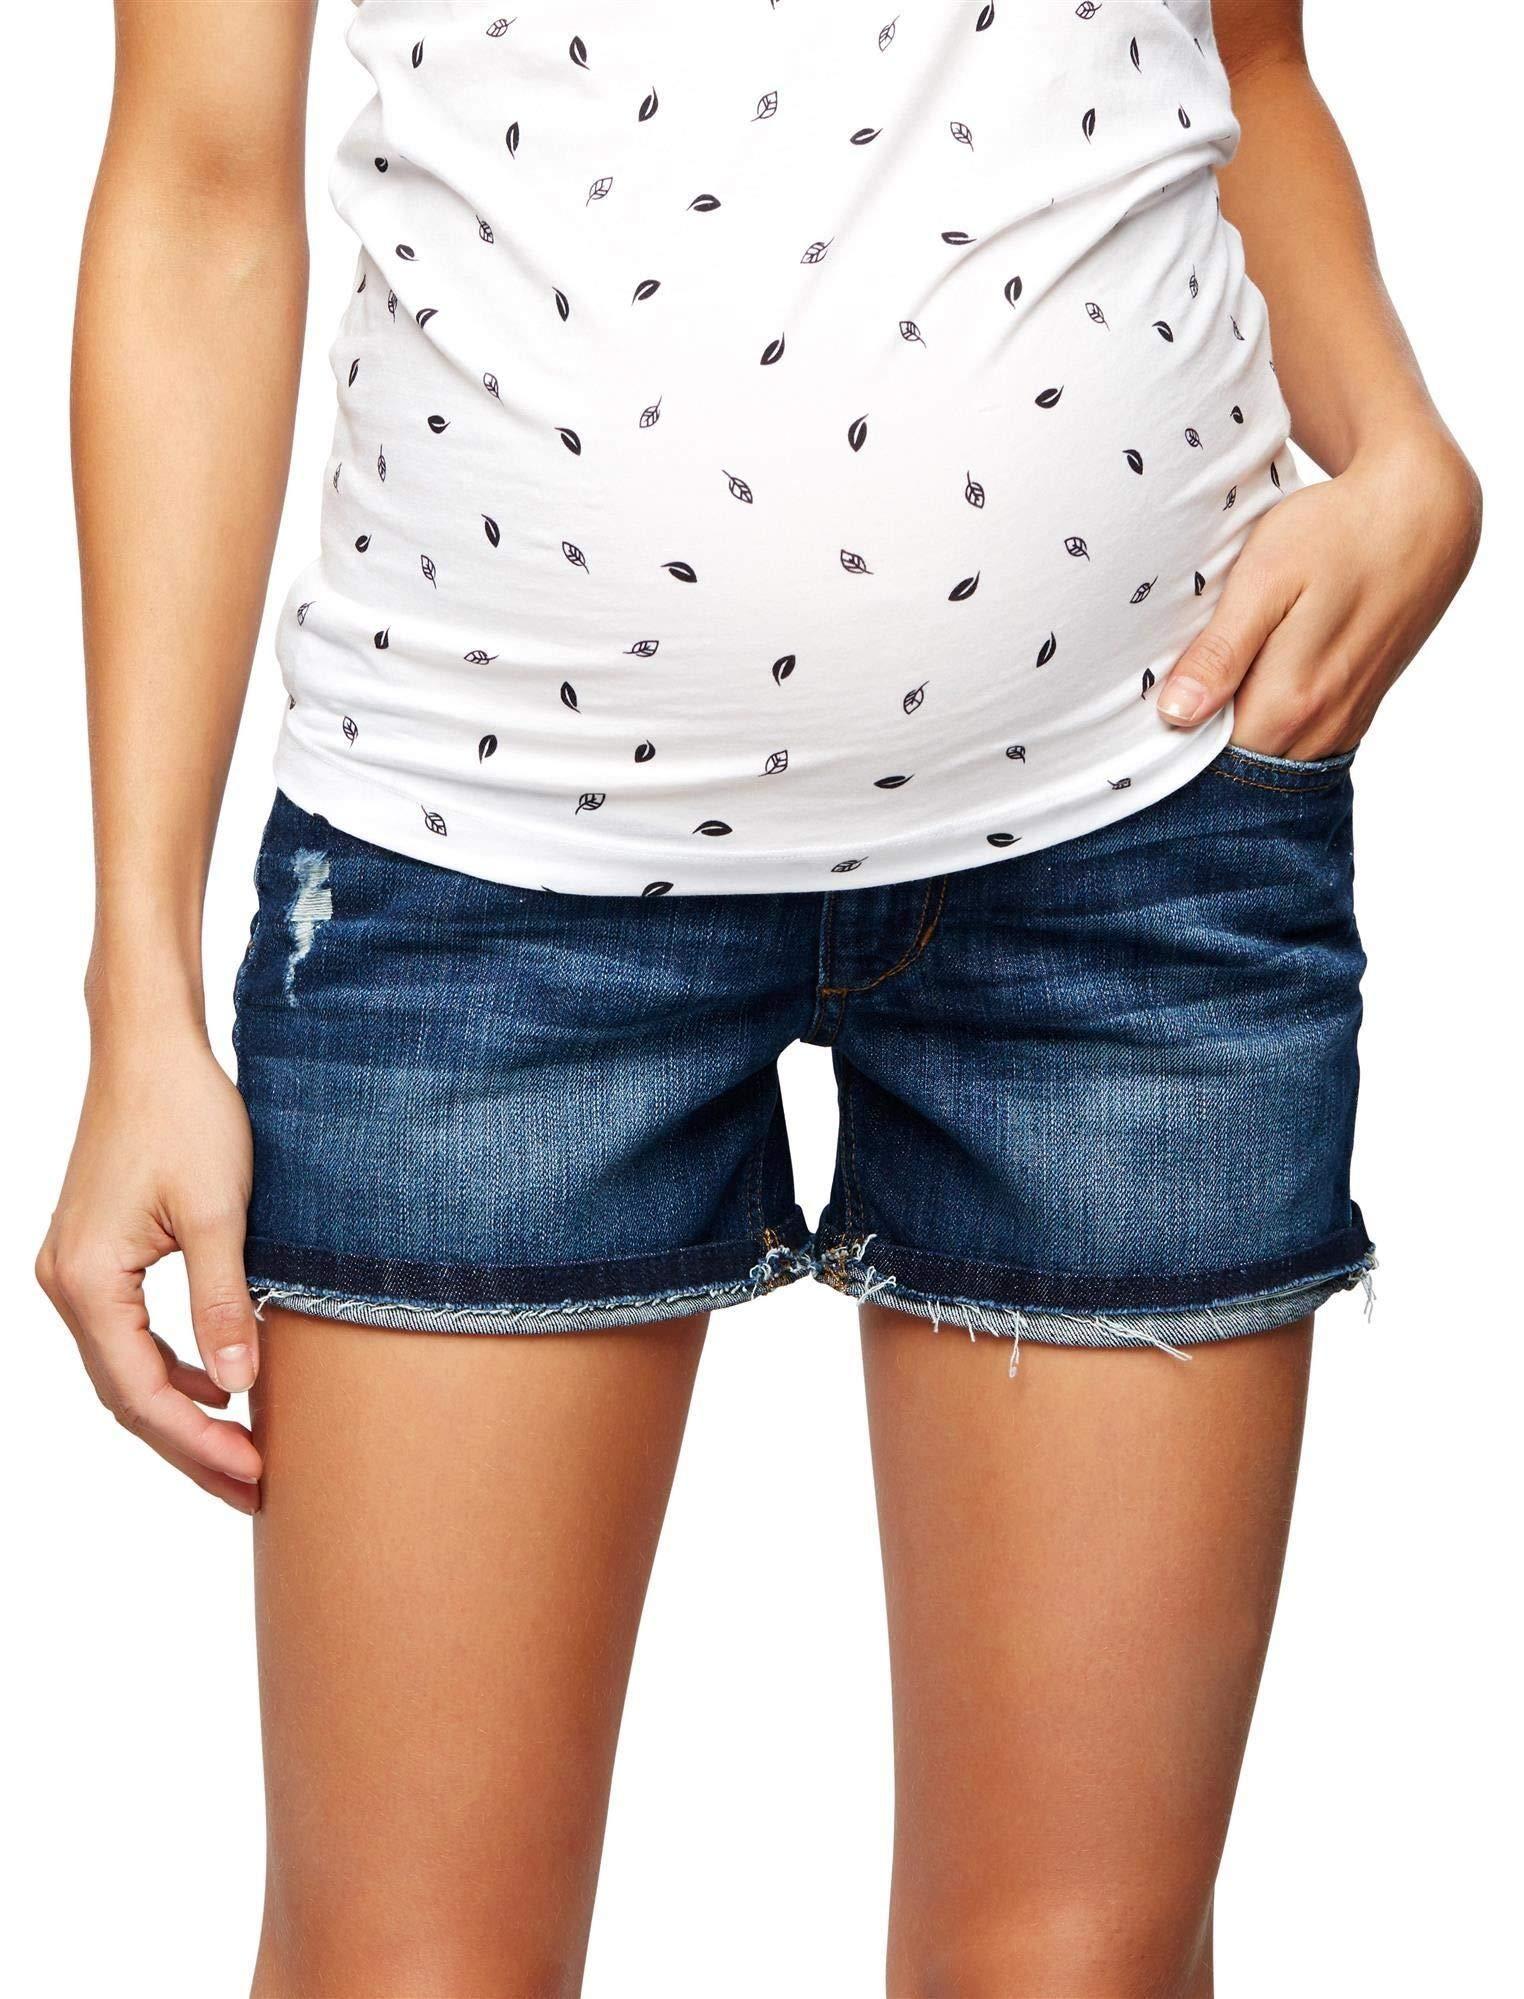 Joe's Jeans Secret Fit Belly Markie Maternity Shorts